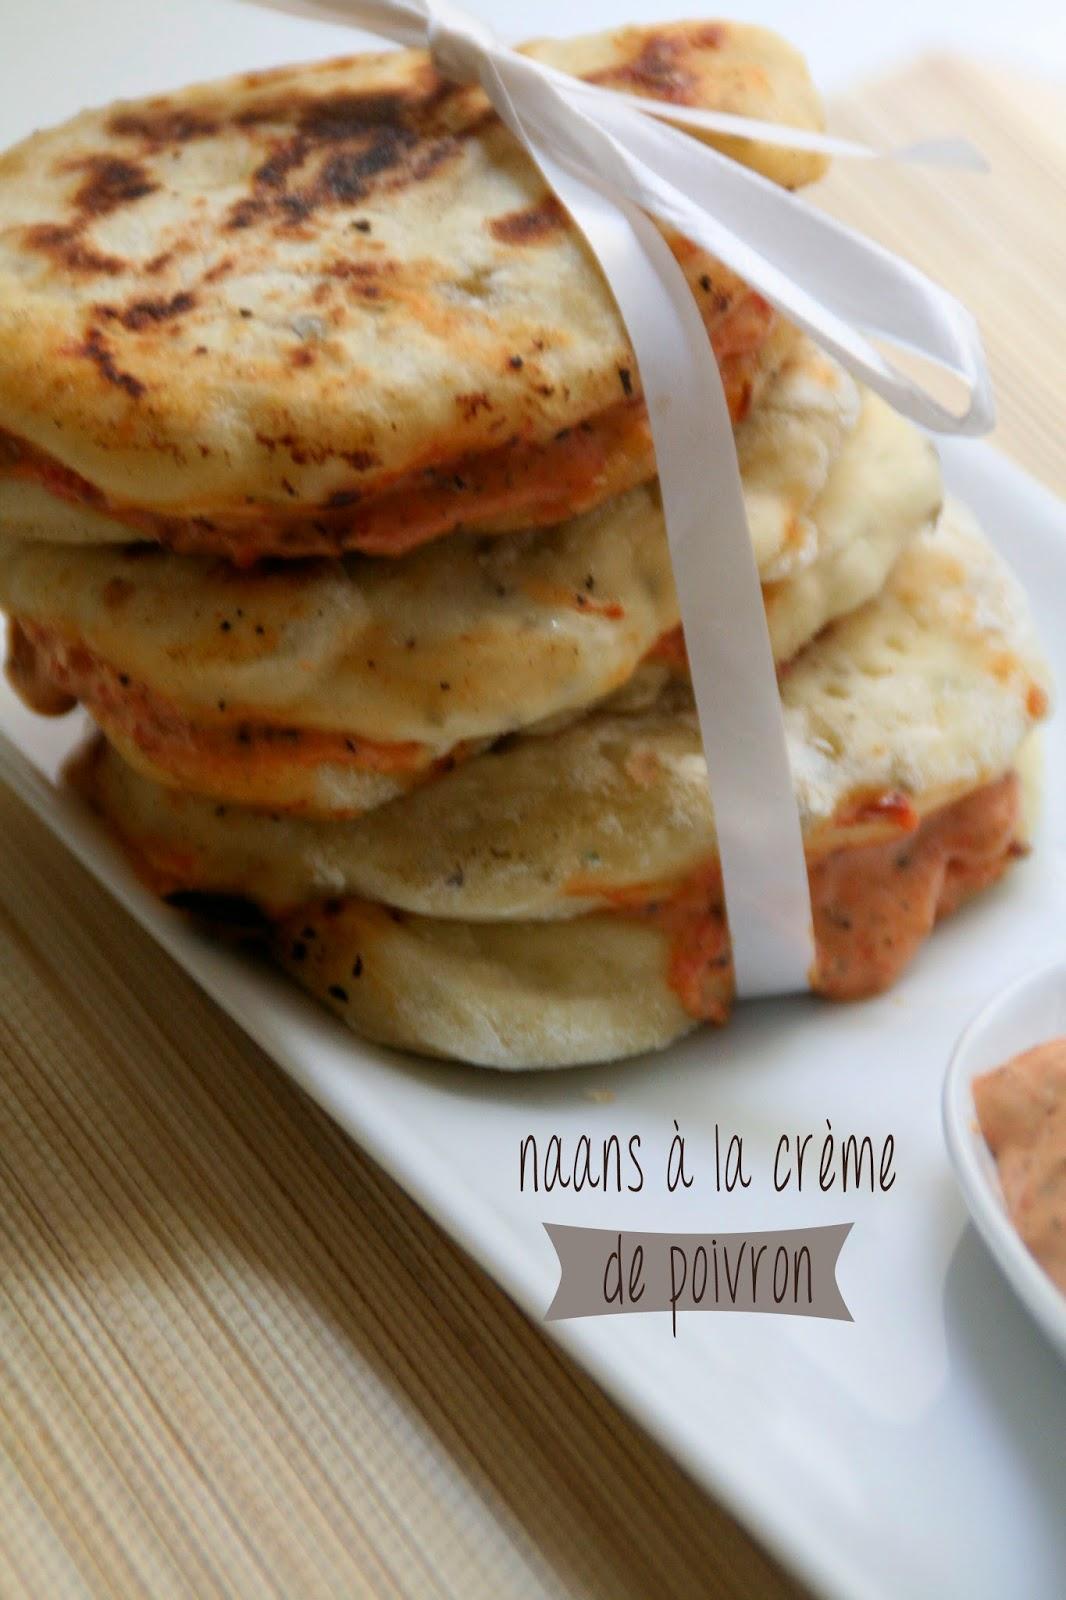 http://etcharlottedecouvritlacuisine.blogspot.fr/2014/07/naans-la-creme-de-poivron-battle-bread-3.html